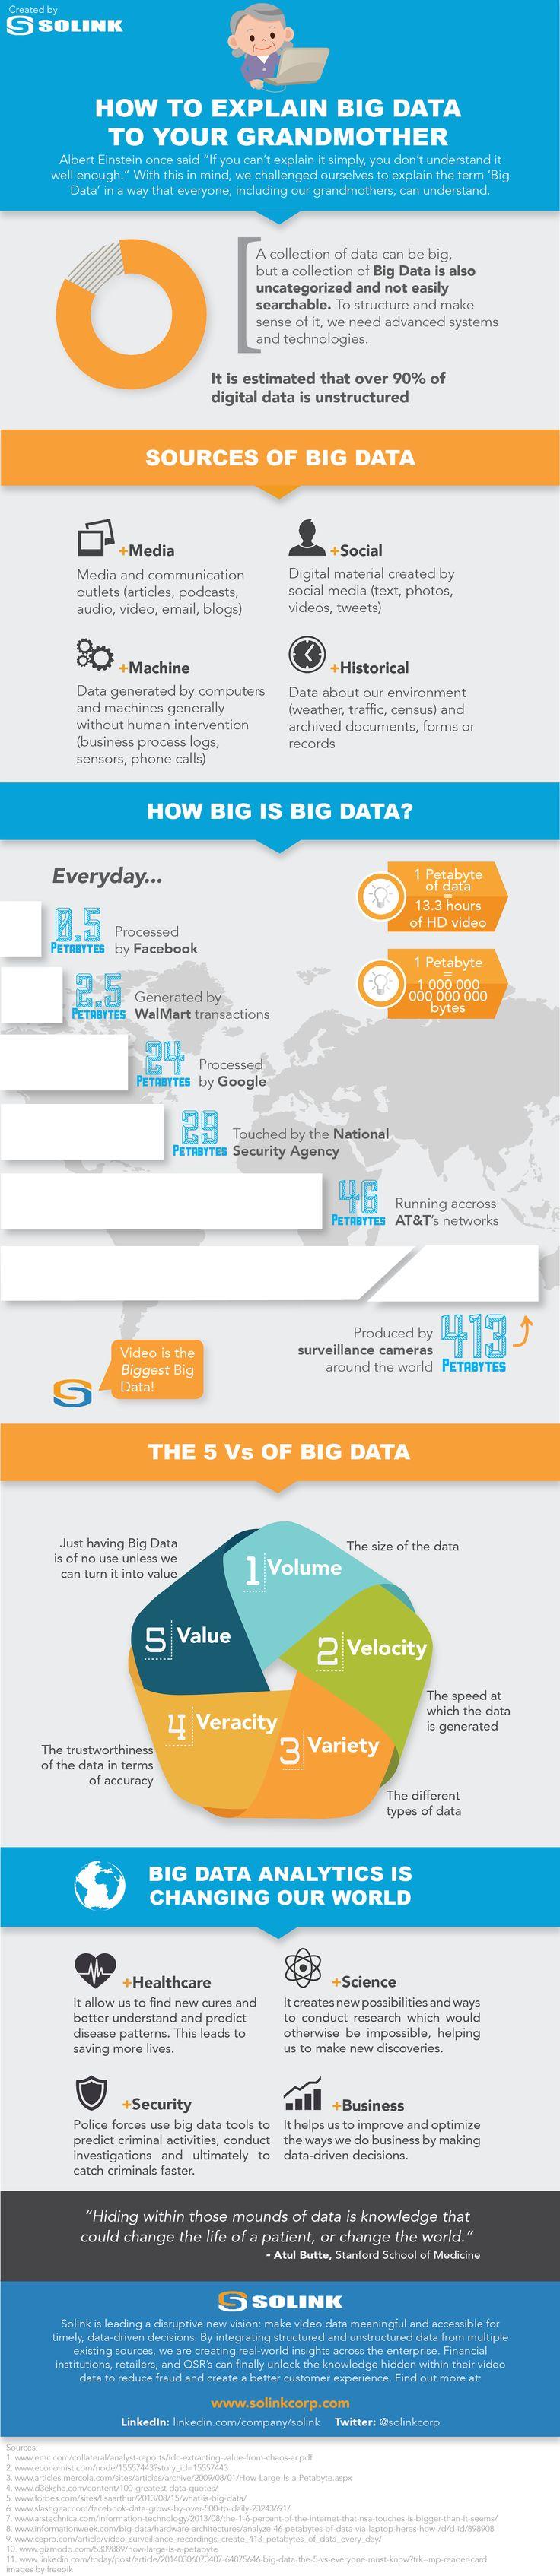 Cómo explicar Big Data a tu abuela #infografia #infographic